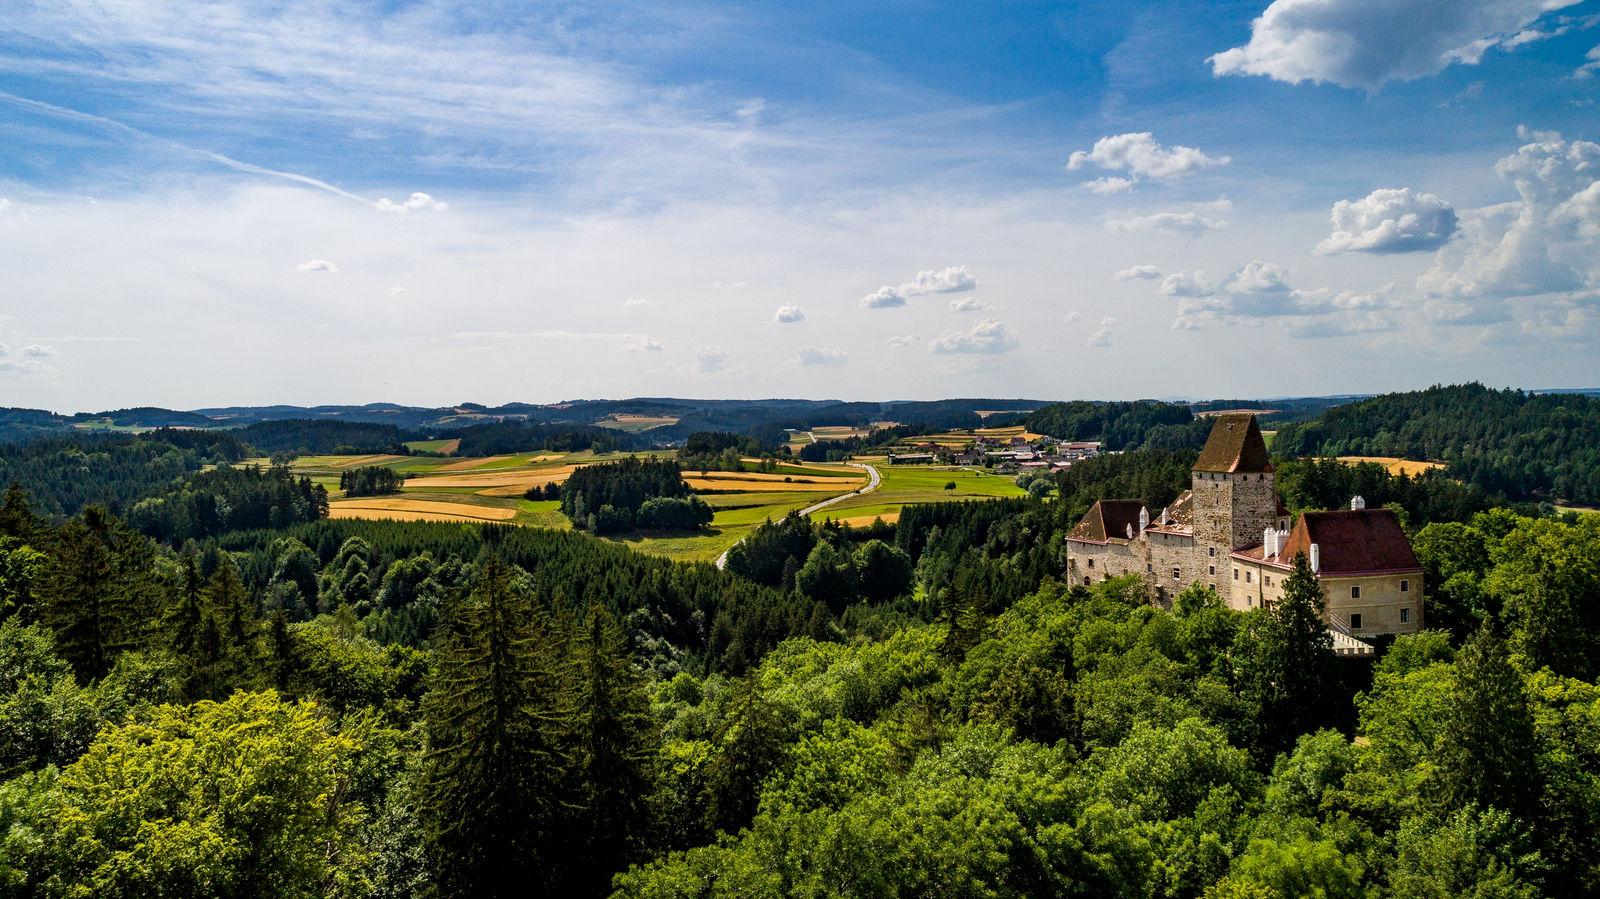 Burg Rastenberg Drohne--1-large.jpg